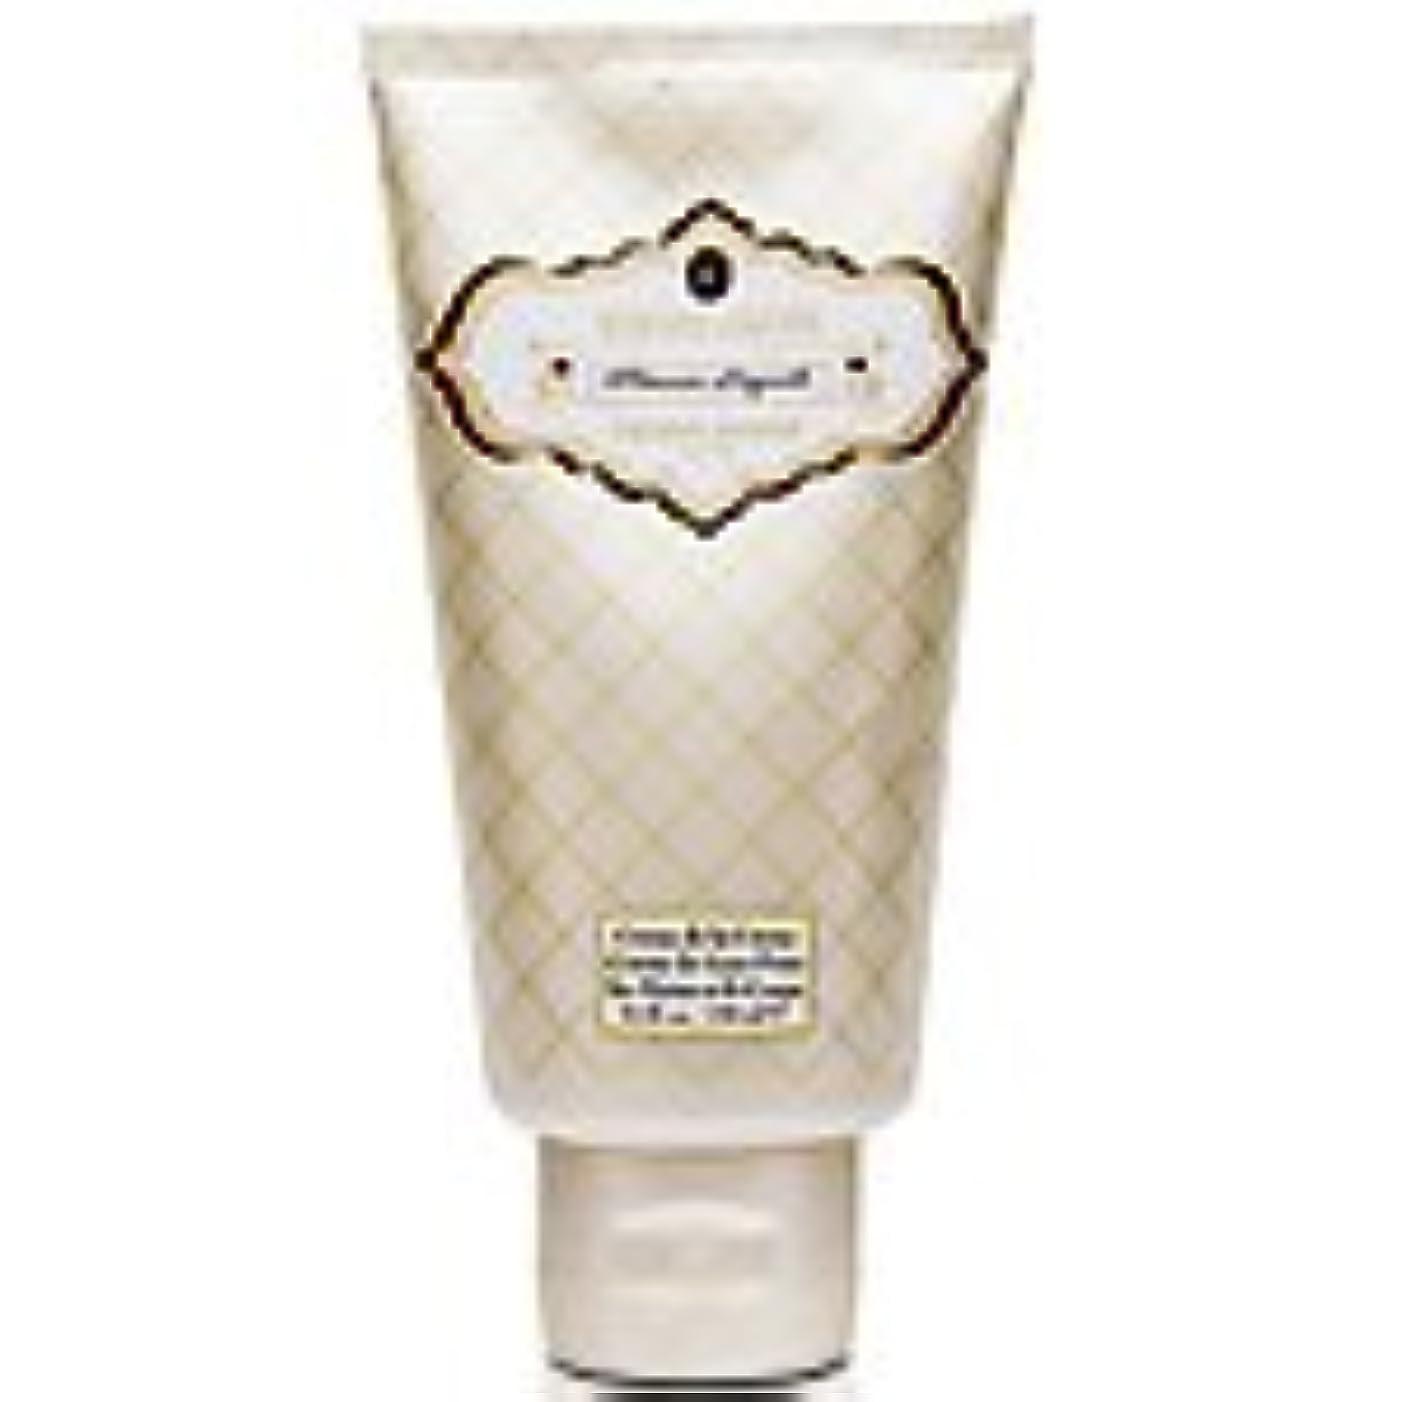 塩辛いルネッサンス準備したMemoire Liquide Reserve - Encens Liquide (メモワールリキッドリザーブ - エンセンスリキッド) 5.1 oz (153ml) Body Cream for Unisex